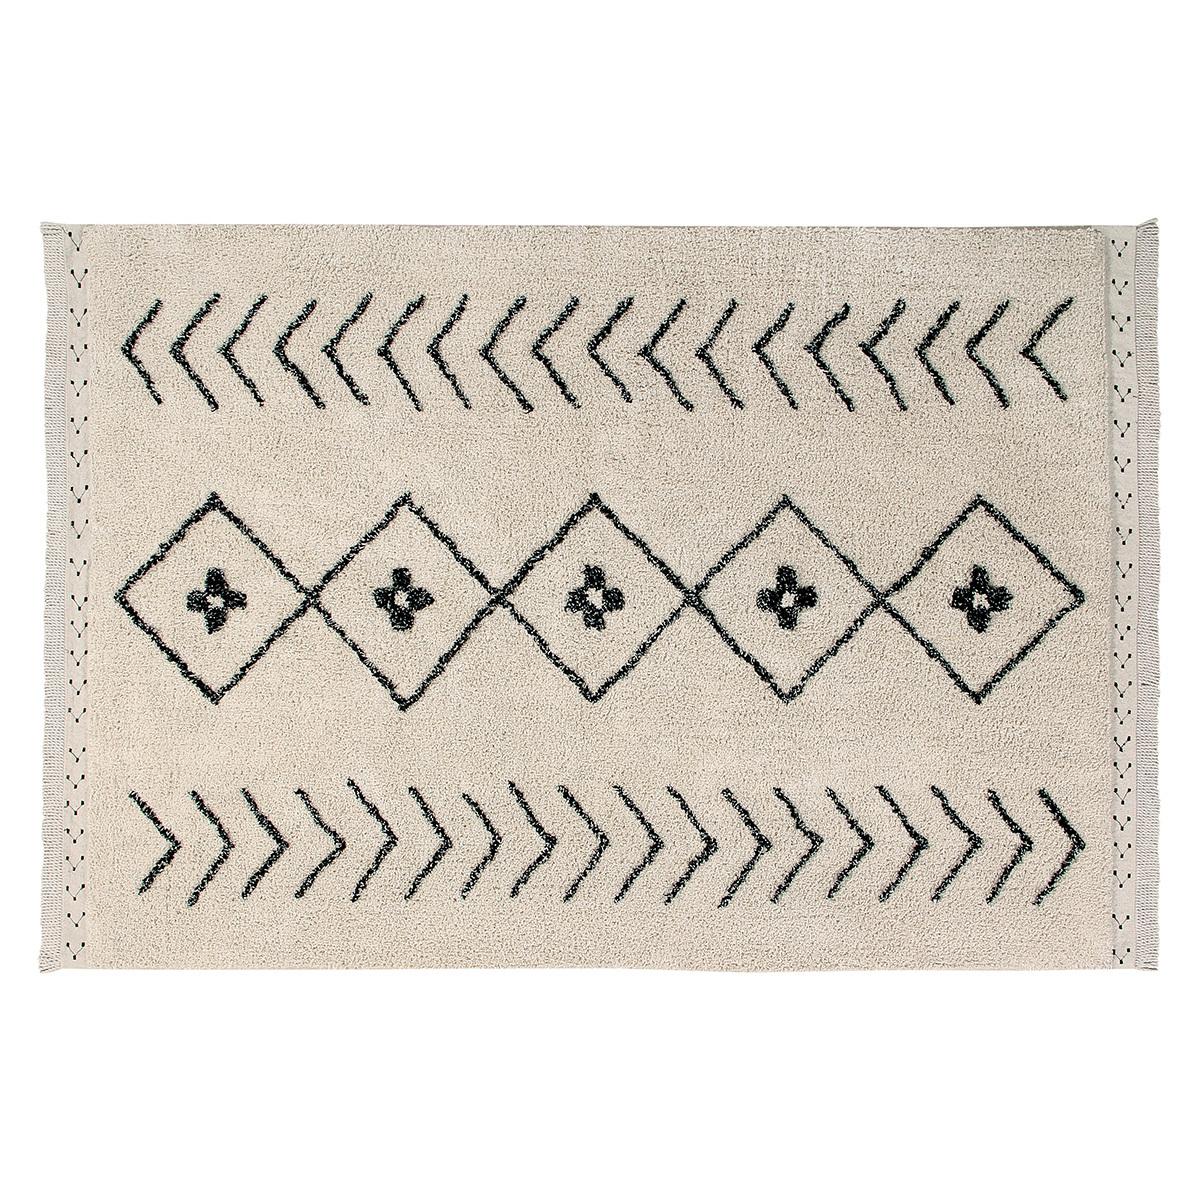 Tapis Tapis Lavable Berbere Rhombs - 120 x 170 cm Tapis Lavable Berbere Rhombs - 120 x 170 cm